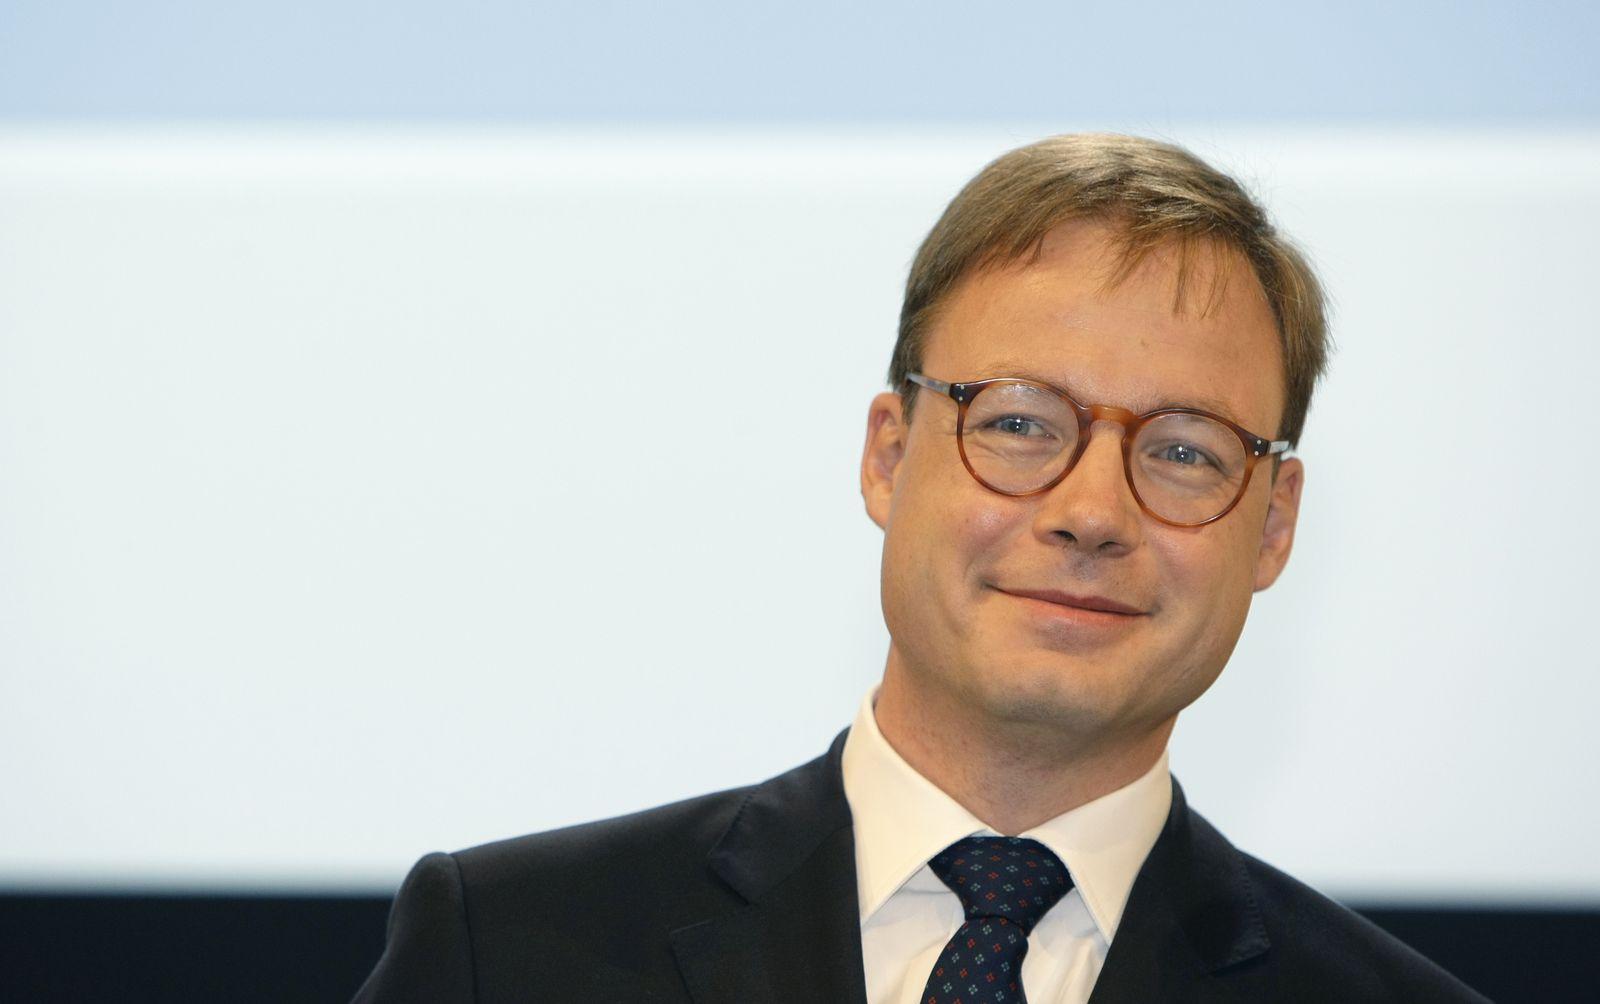 Axel Wieandt